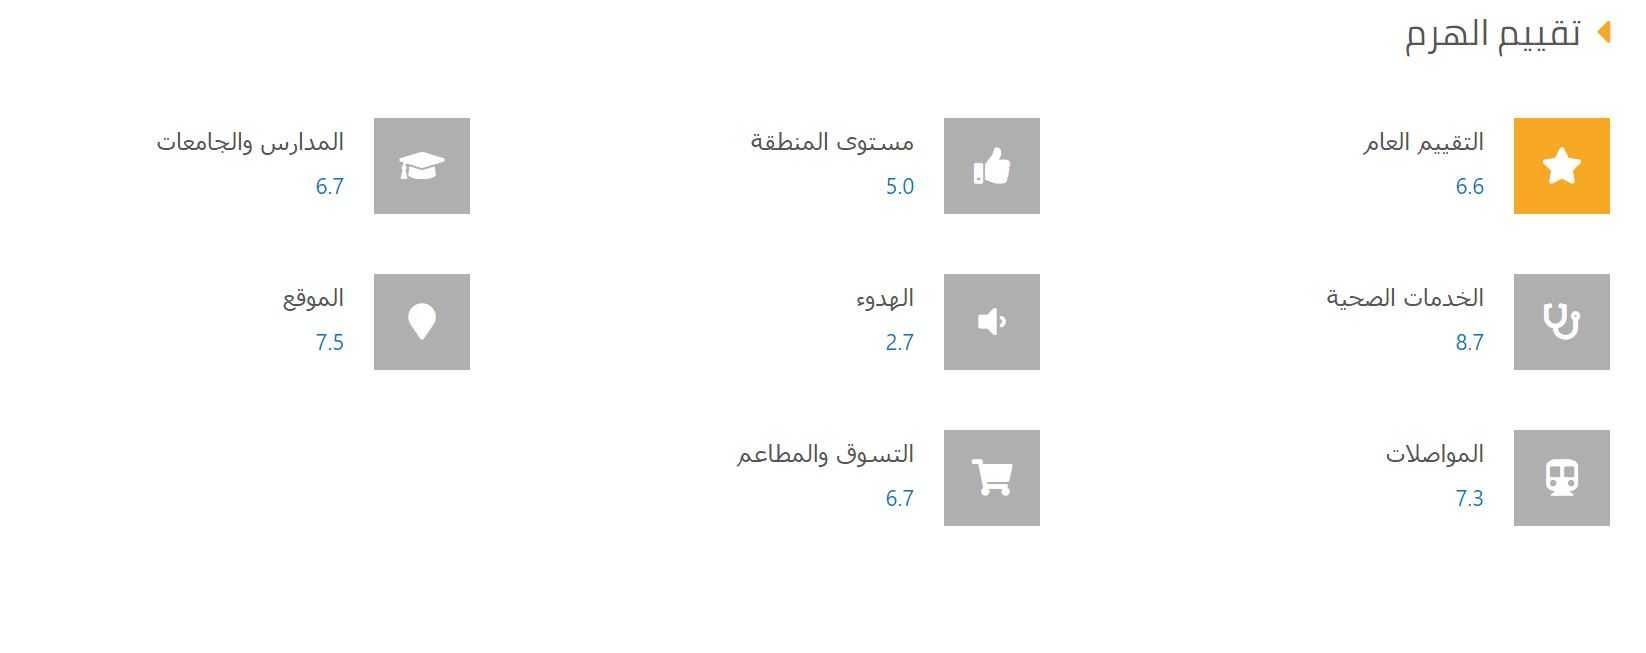 احصائيات عن تقييم المعيشة في حي الهرم 2020 ومستوي الخدمات والموقع